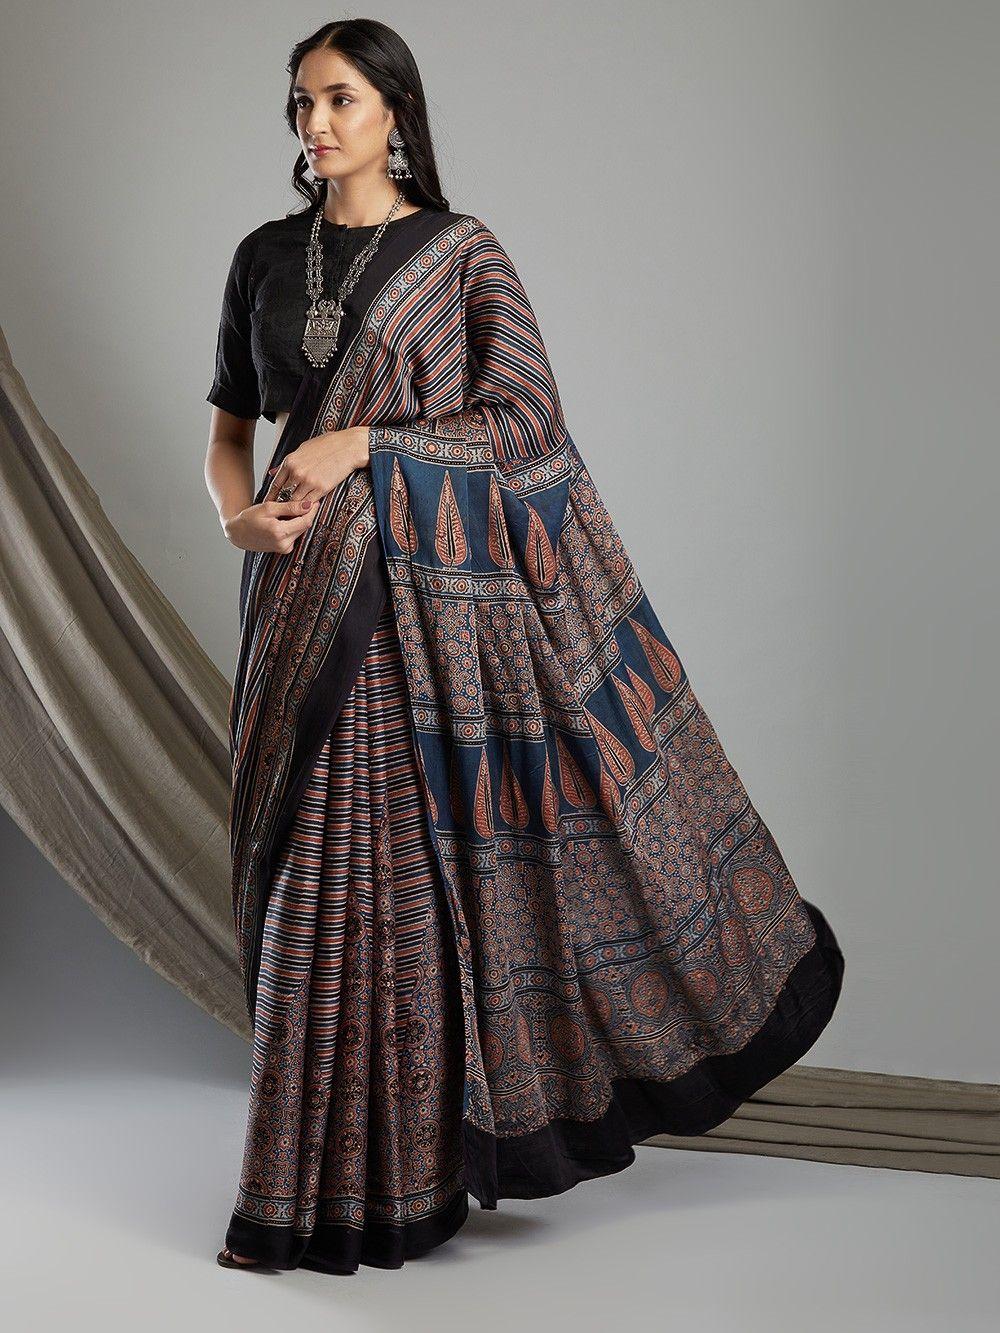 Ajrakh Print in Modal Silk